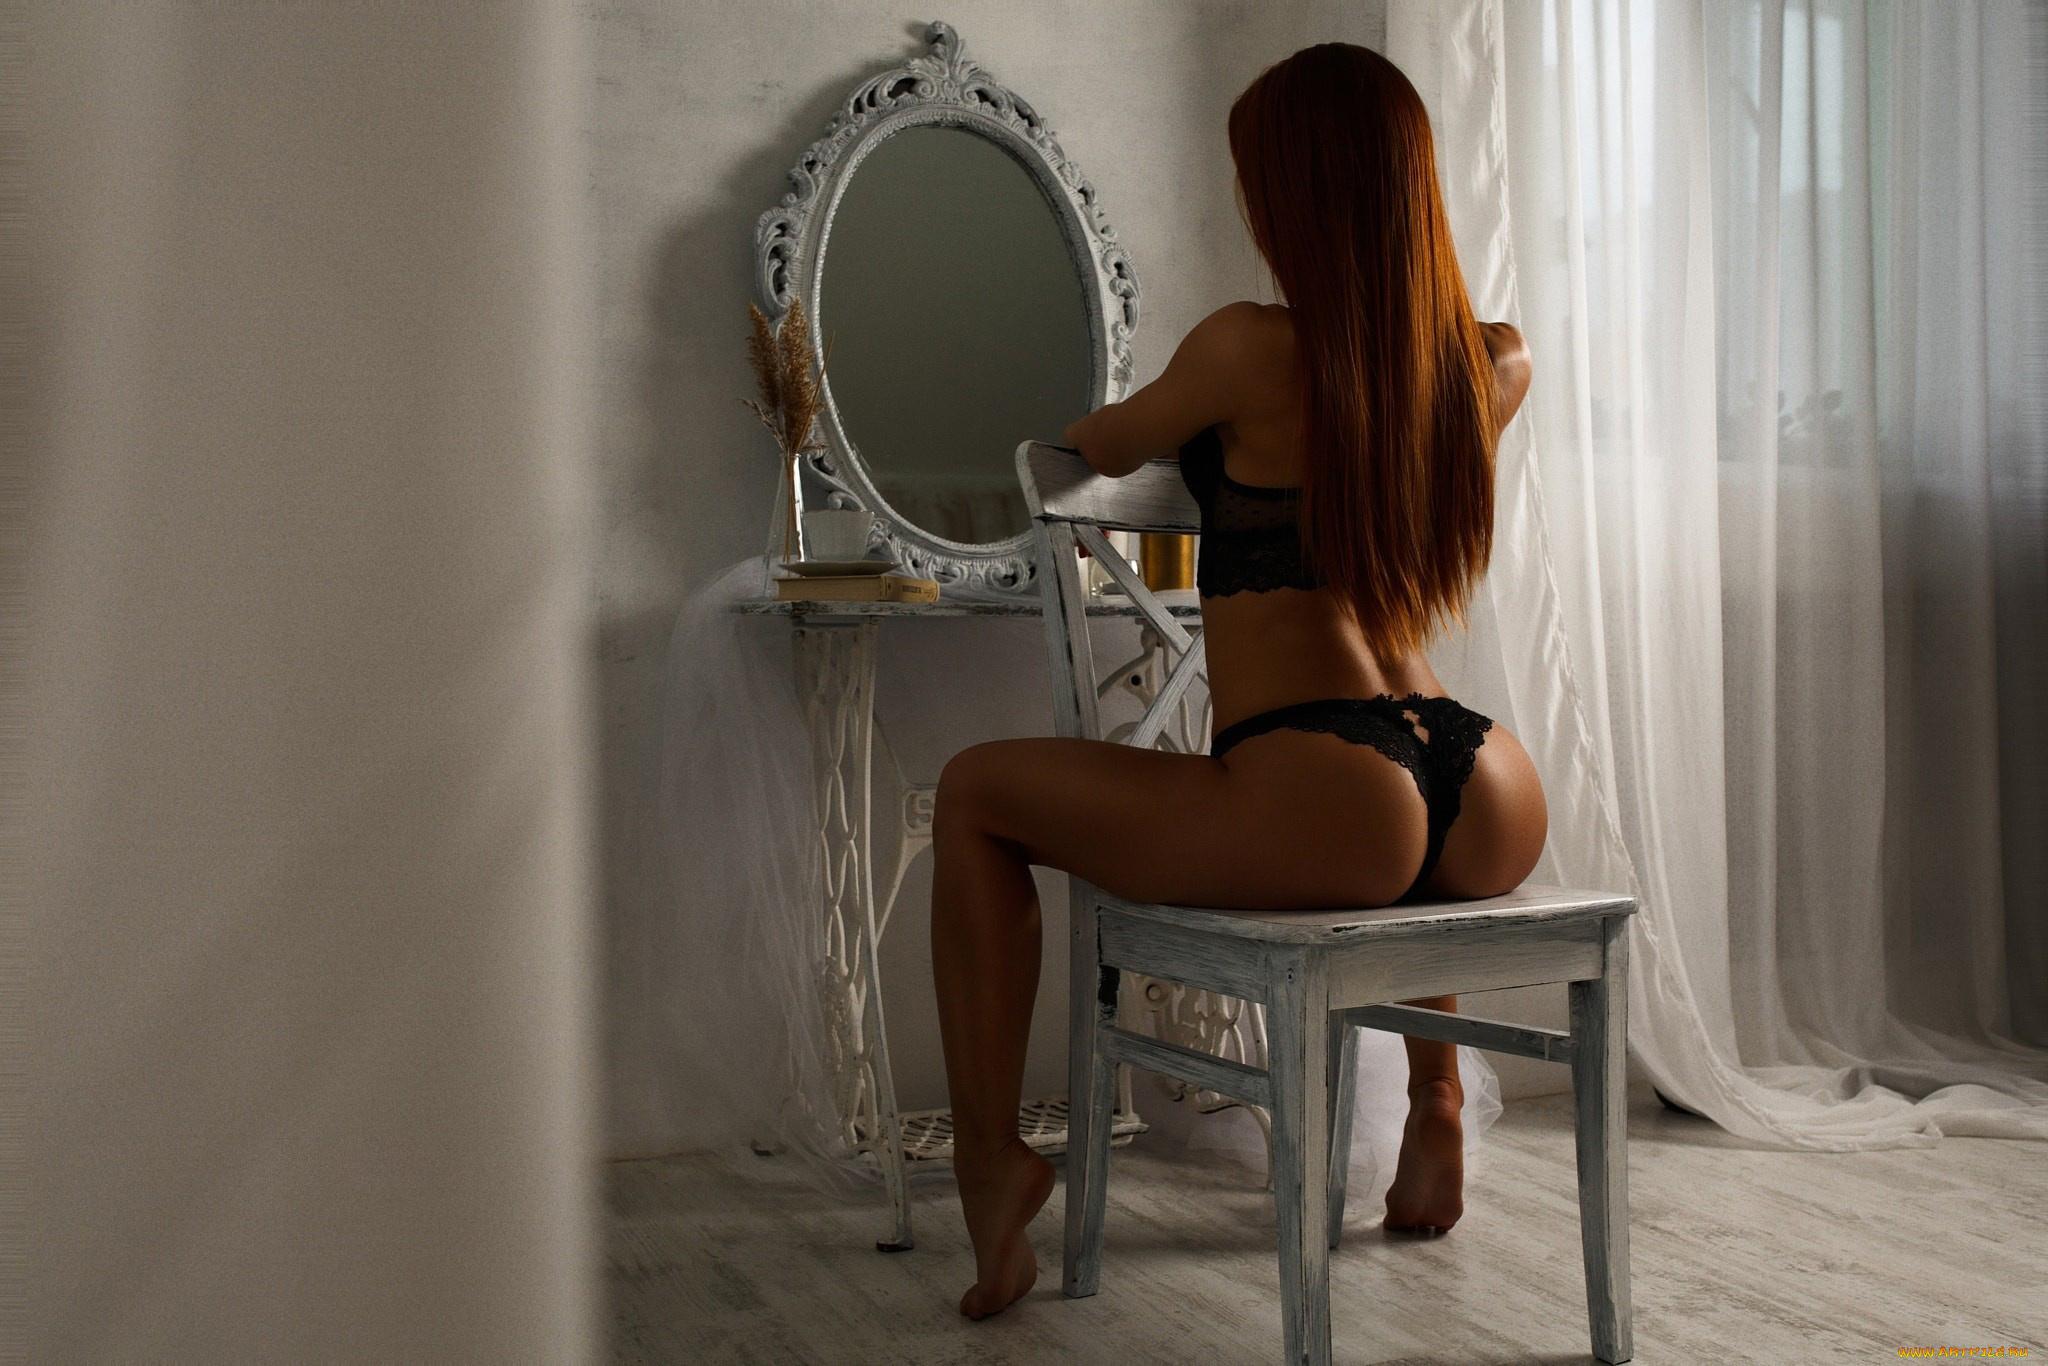 эту нечисть девушка в кресле широко жопой фото вибраторы так эффективны